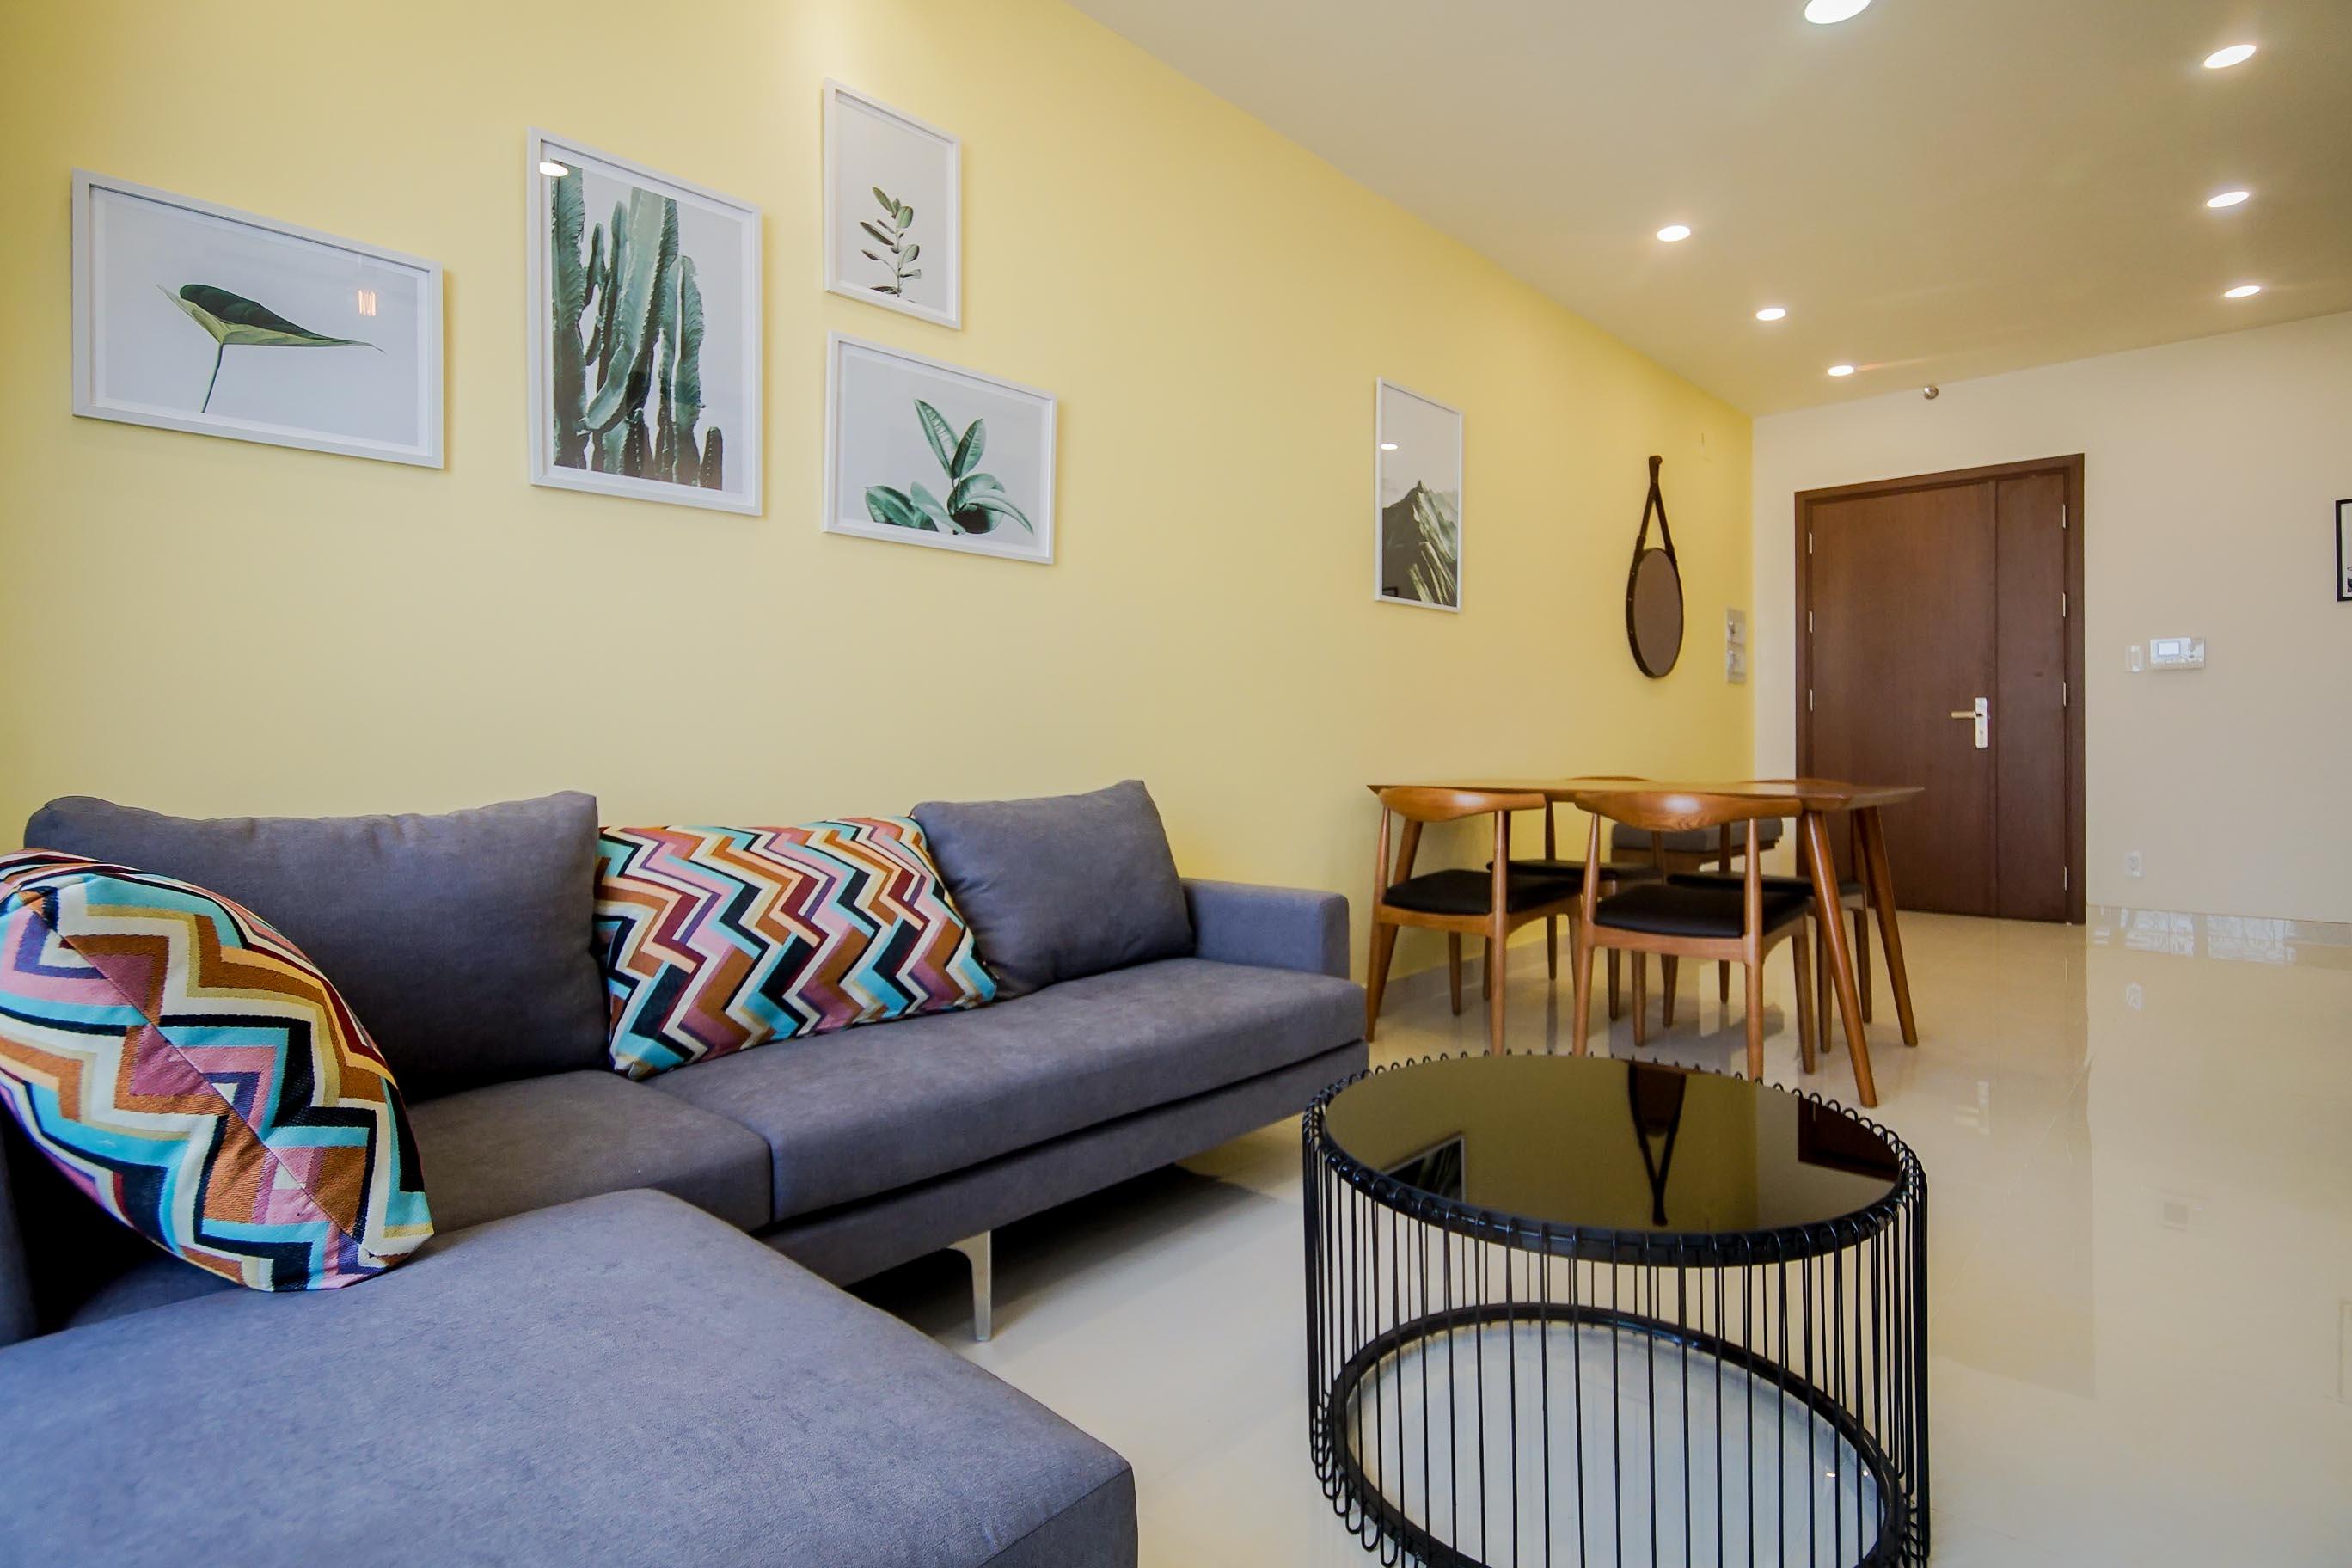 Căn hộ 1 PN Grand Riverside - Đầy Đủ Nội Thất - Không gian ấm cúng và tràn ngập ánh sáng-9